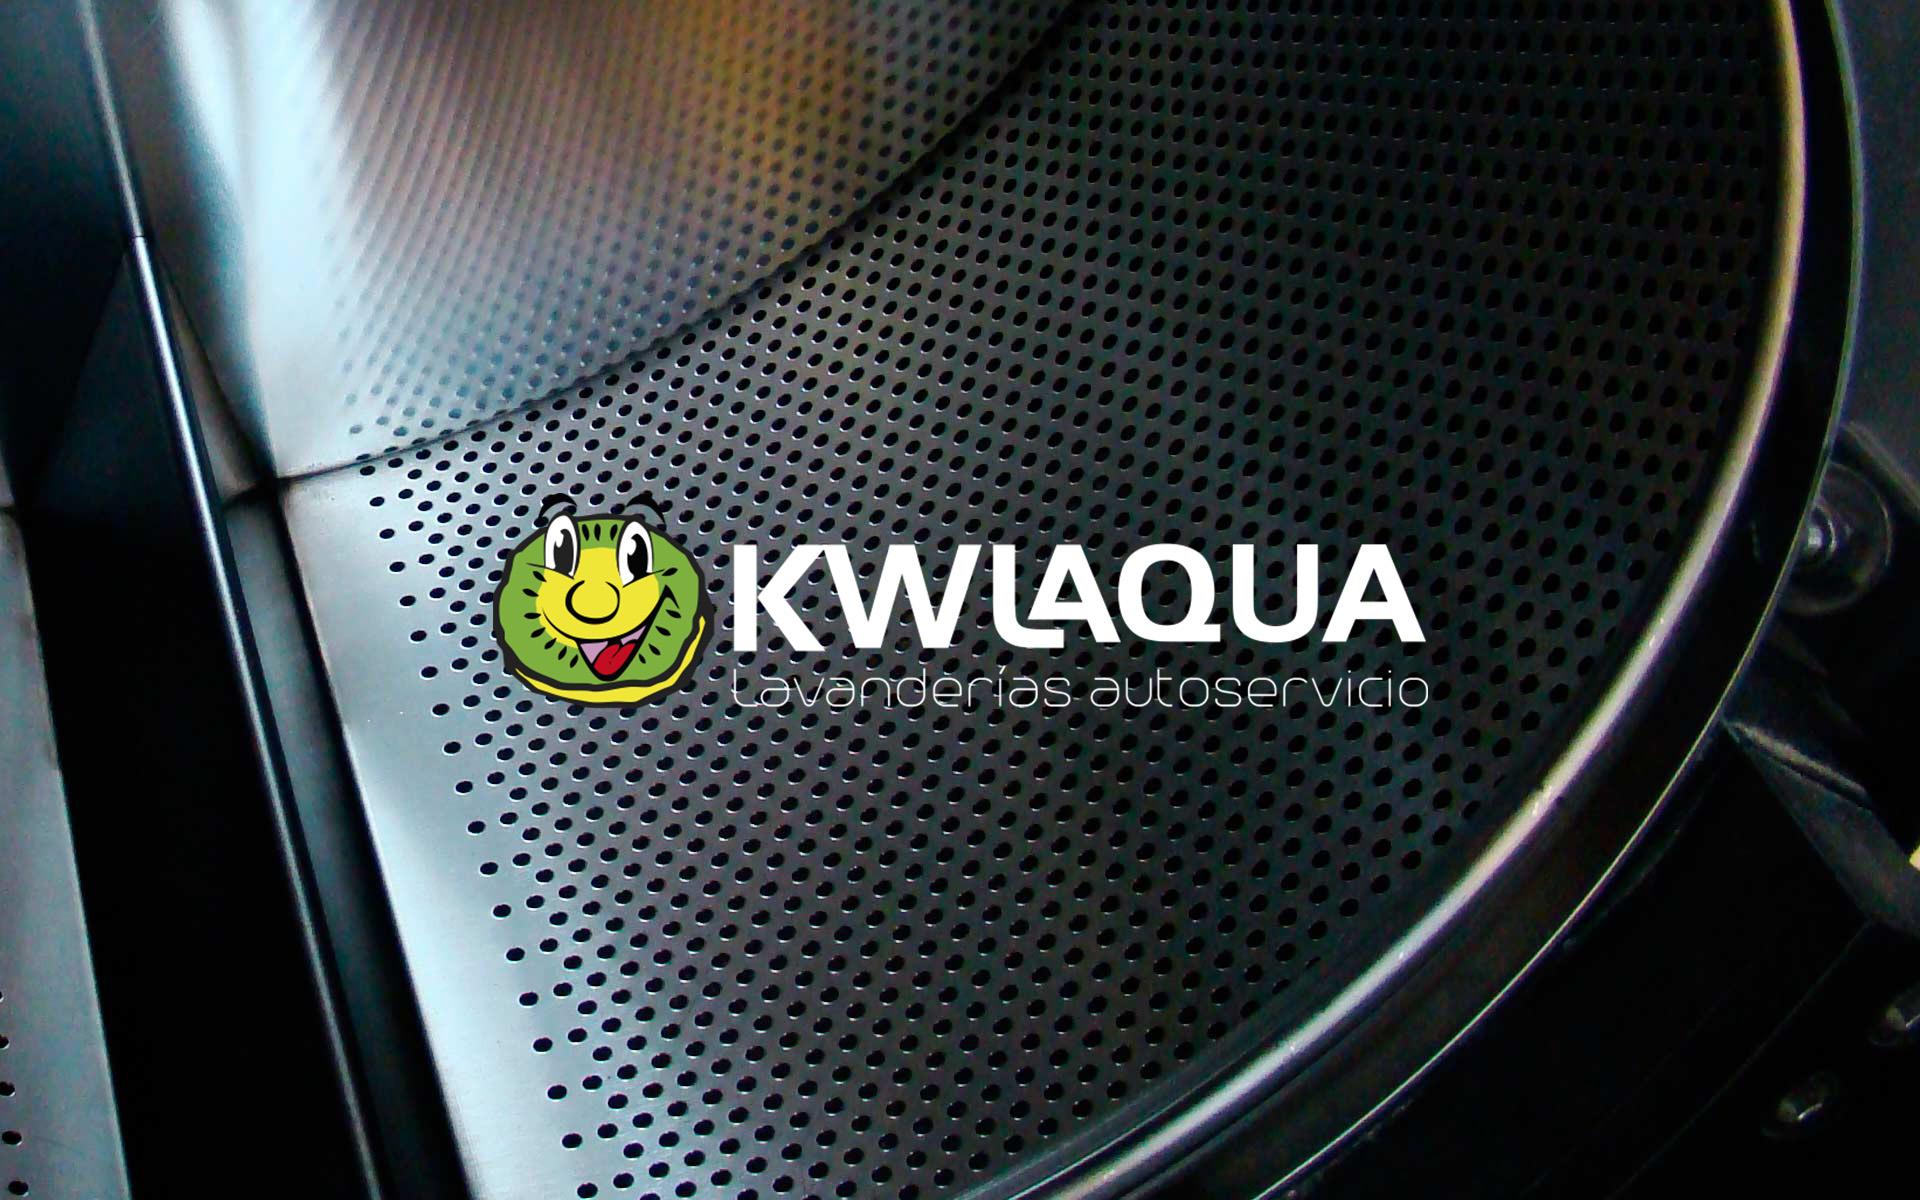 KWL-AQUA